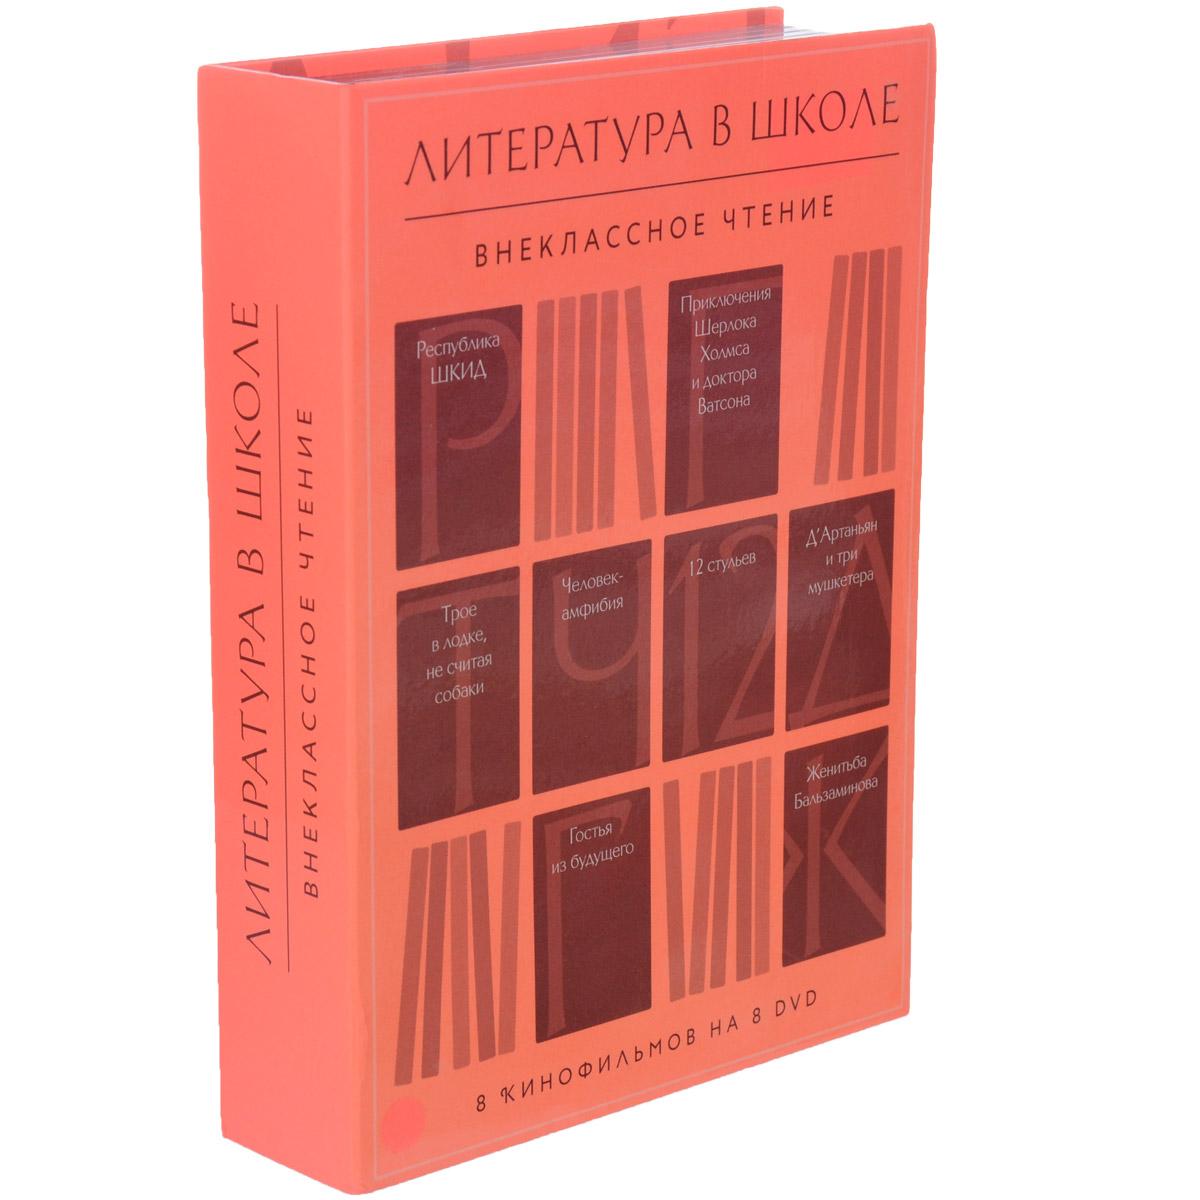 Литература в школе. Внеклассное чтение (8 DVD) видеодиски нд плэй экстрасенсы dvd video dvd box